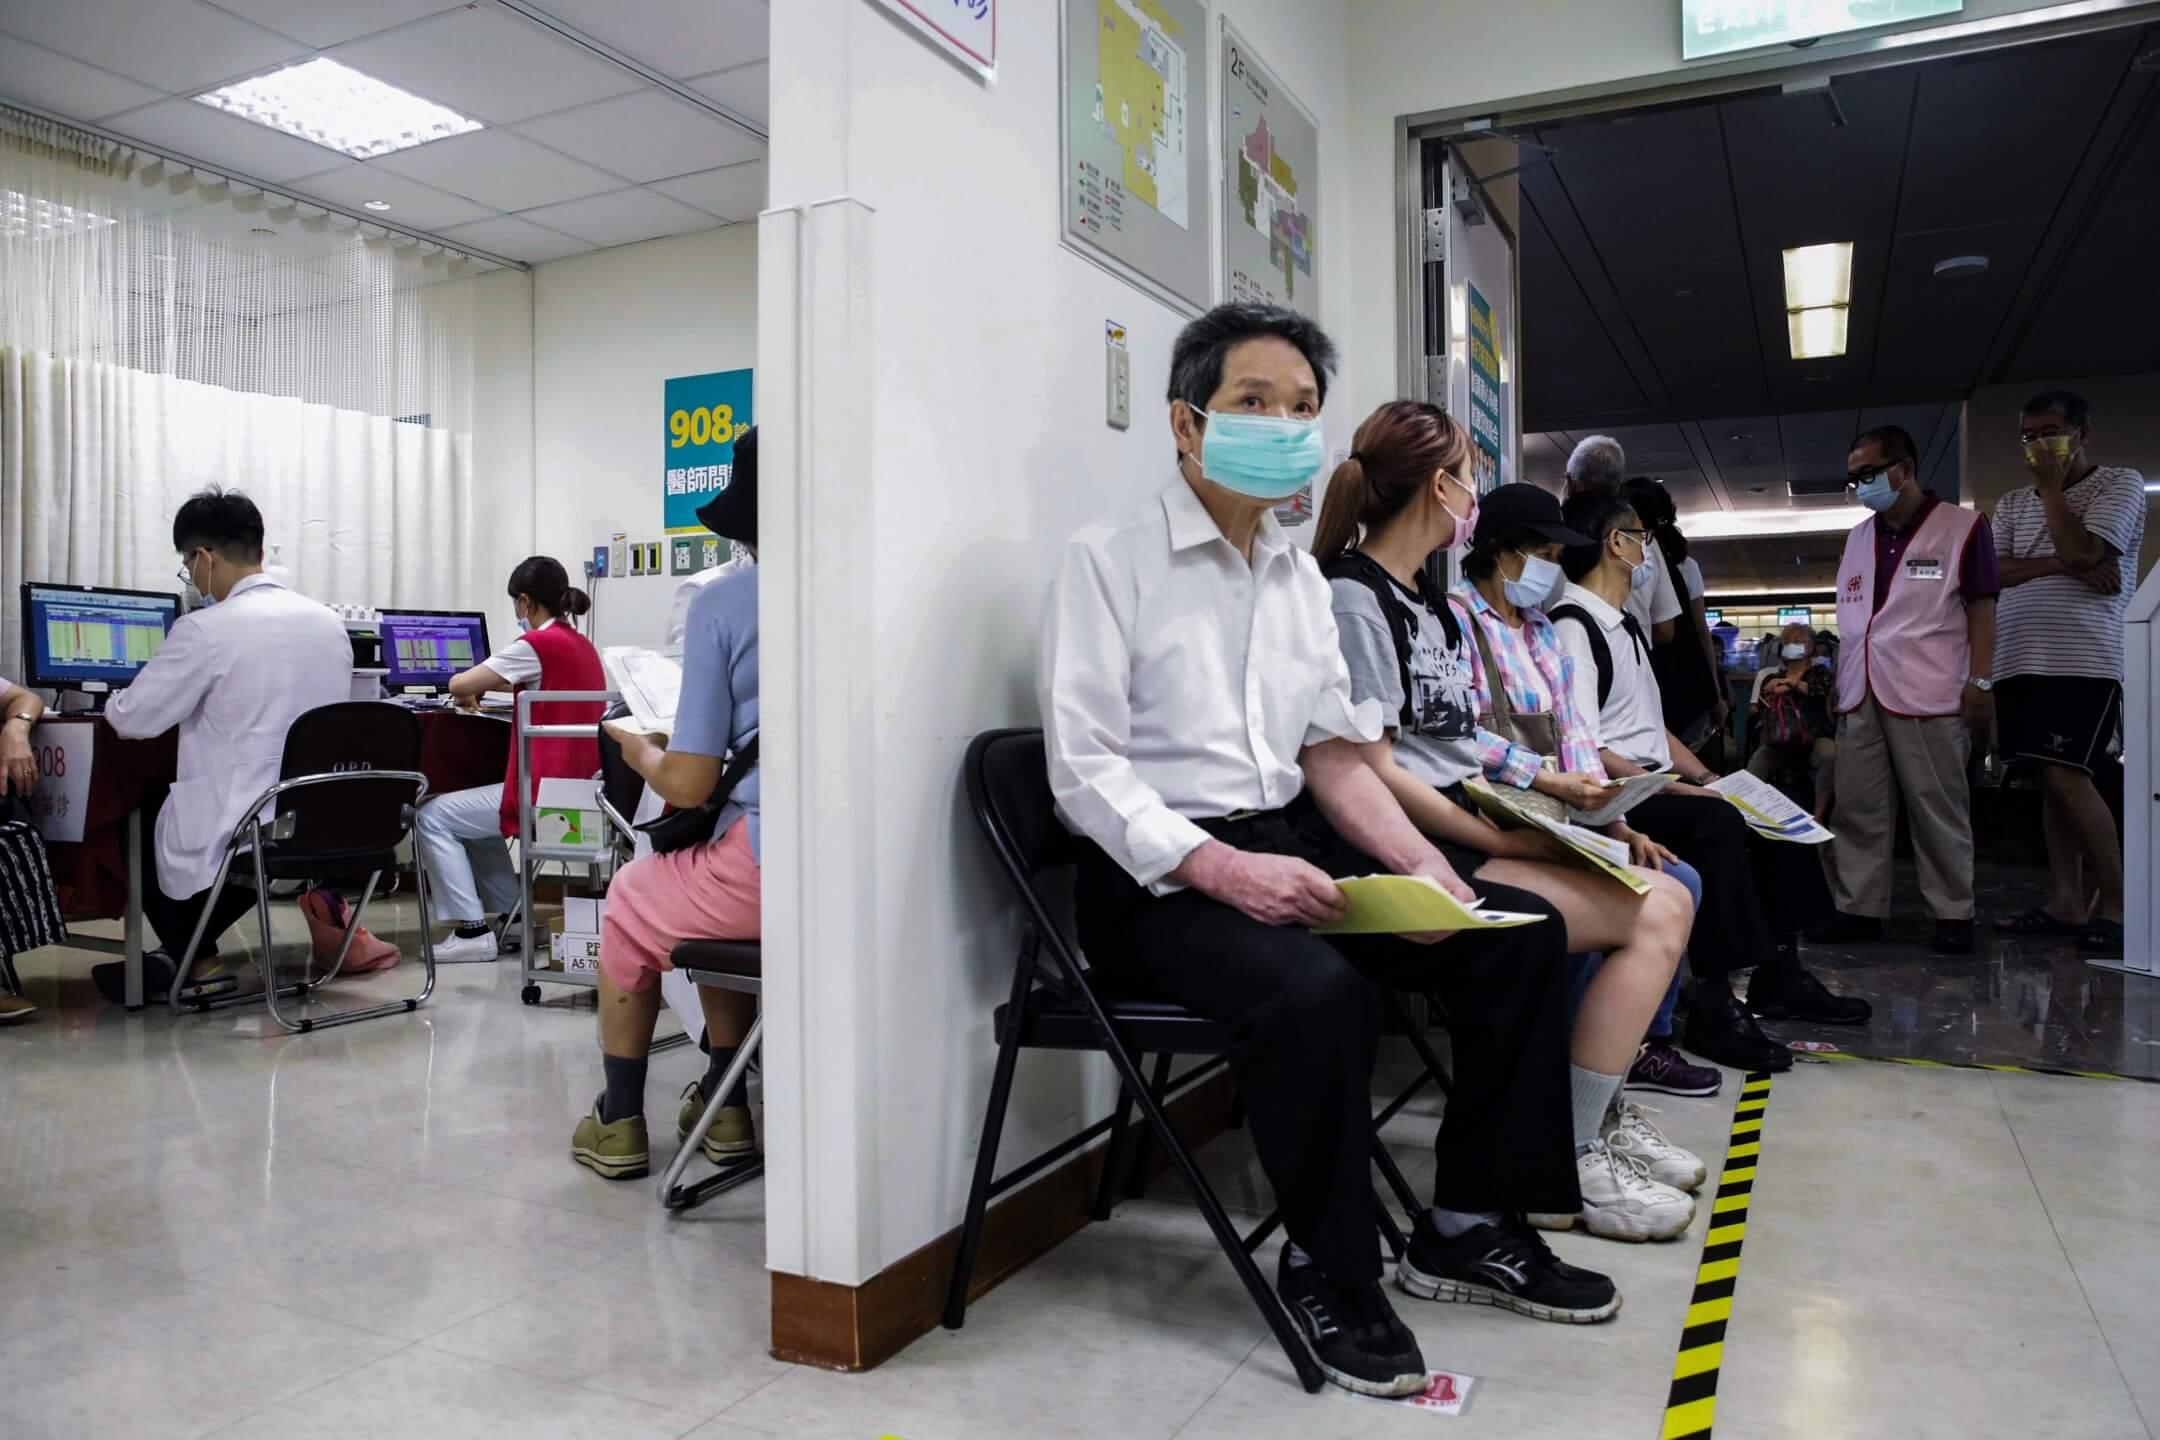 2021年5月13日,台北市一家醫院,市民前往接種新冠病毒疫苗。 攝: I-Hwa Cheng/Bloomberg via Getty Images